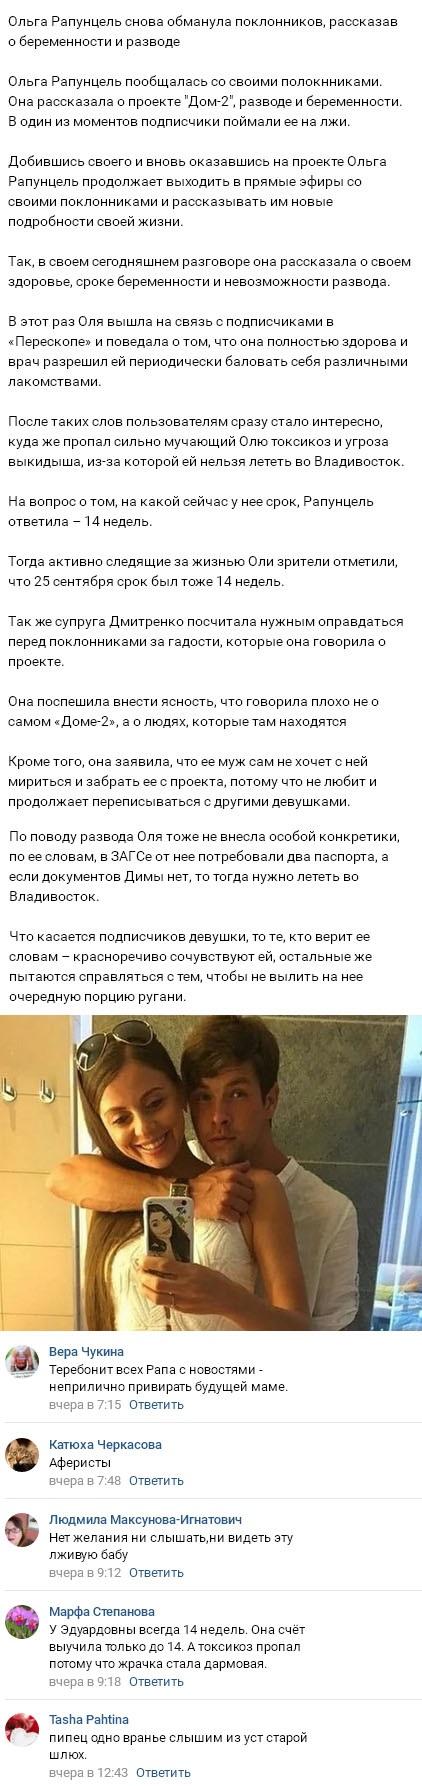 Ольгу Рапунцель вновь поймали на лжи по поводу беременности